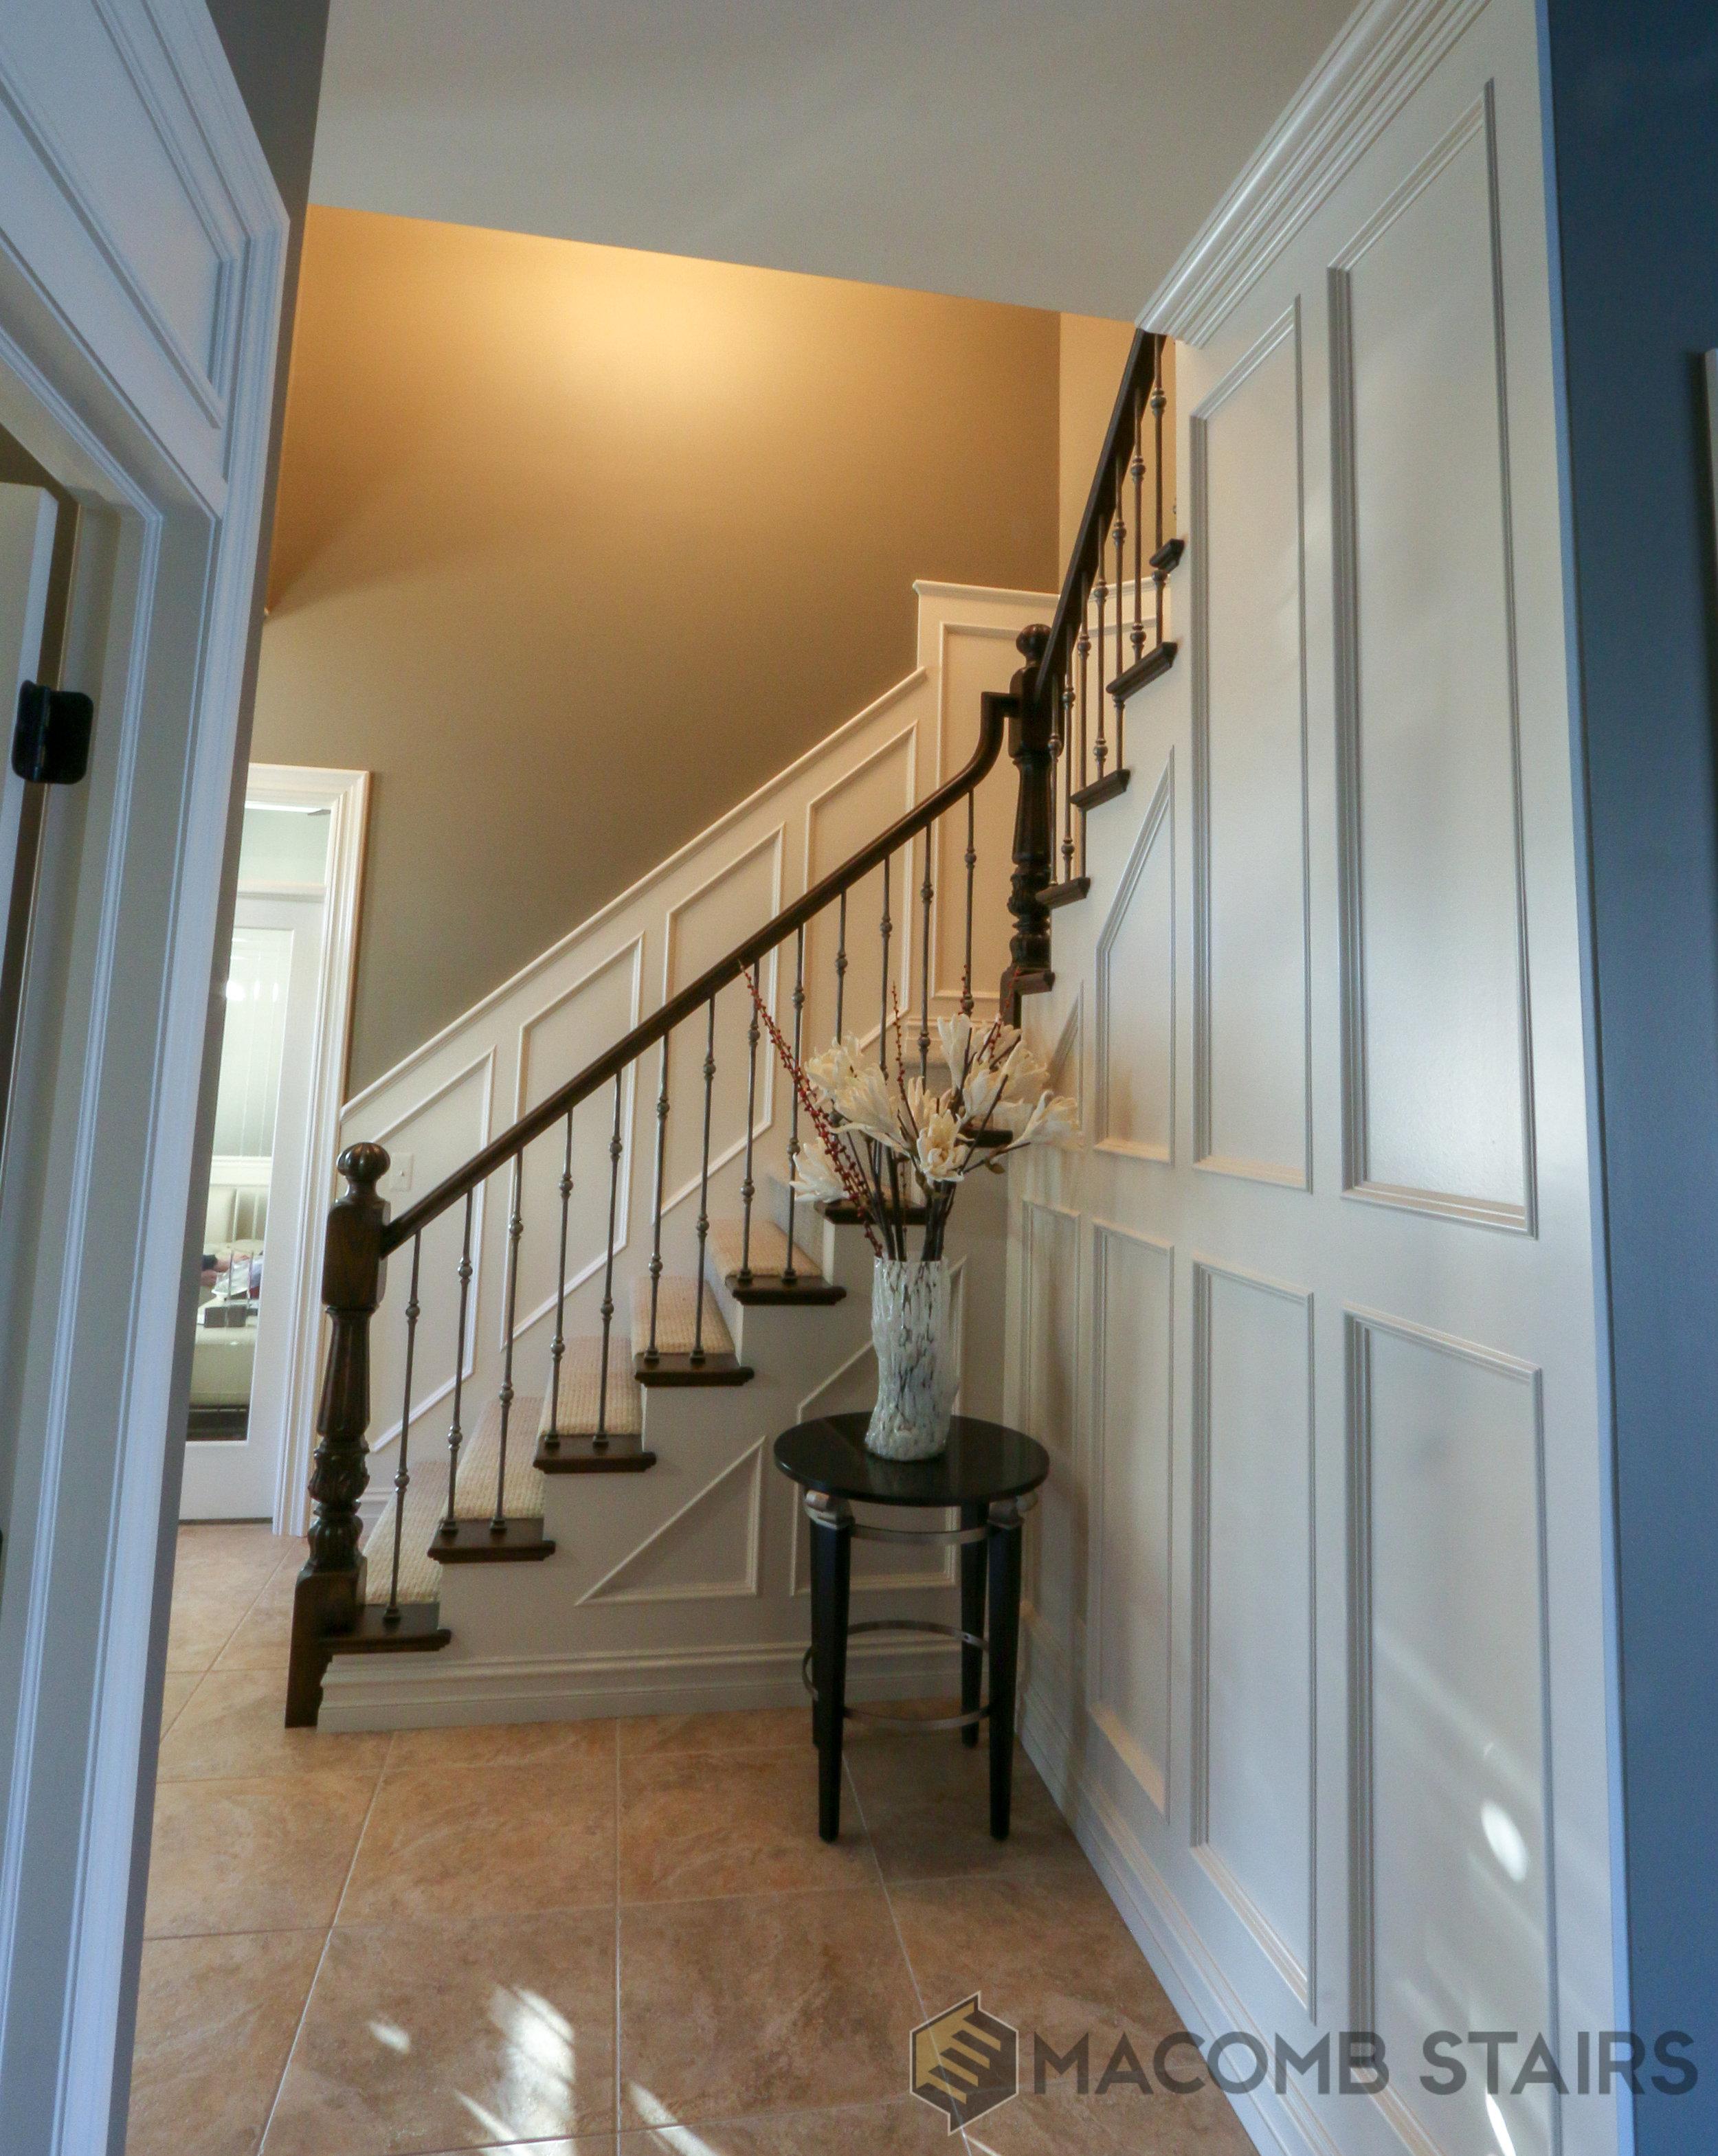 Macomb Stairs- Stair Photo-203.jpg